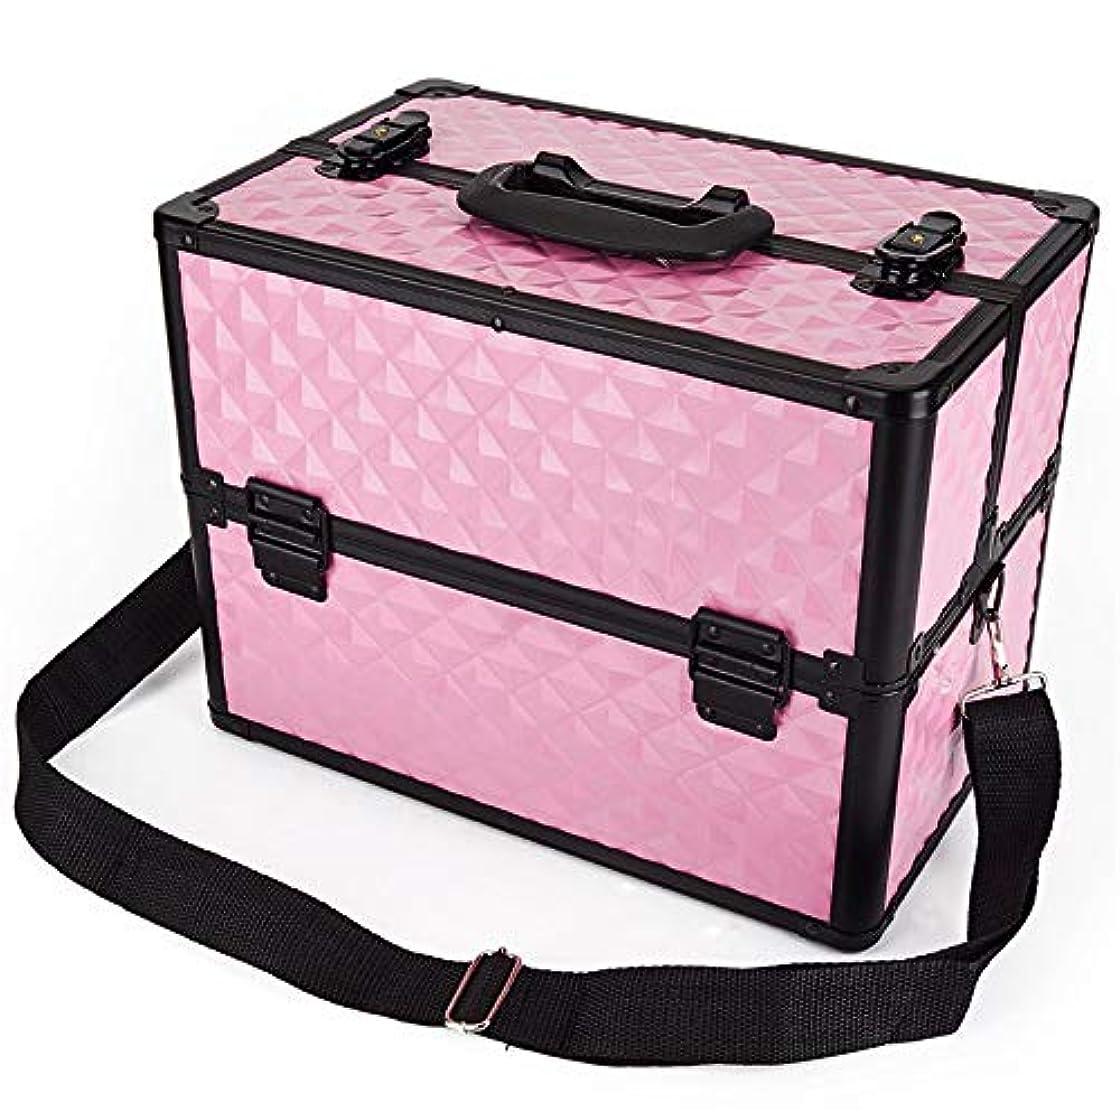 呪われた飼いならす南西化粧オーガナイザーバッグ 多機能ポータブルプロの旅行メイクアップバッグパターンメイクアップアーティストケーストレインボックス化粧品オーガナイザー収納用十代の女の子女性アーティスト 化粧品ケース (色 : ピンク)